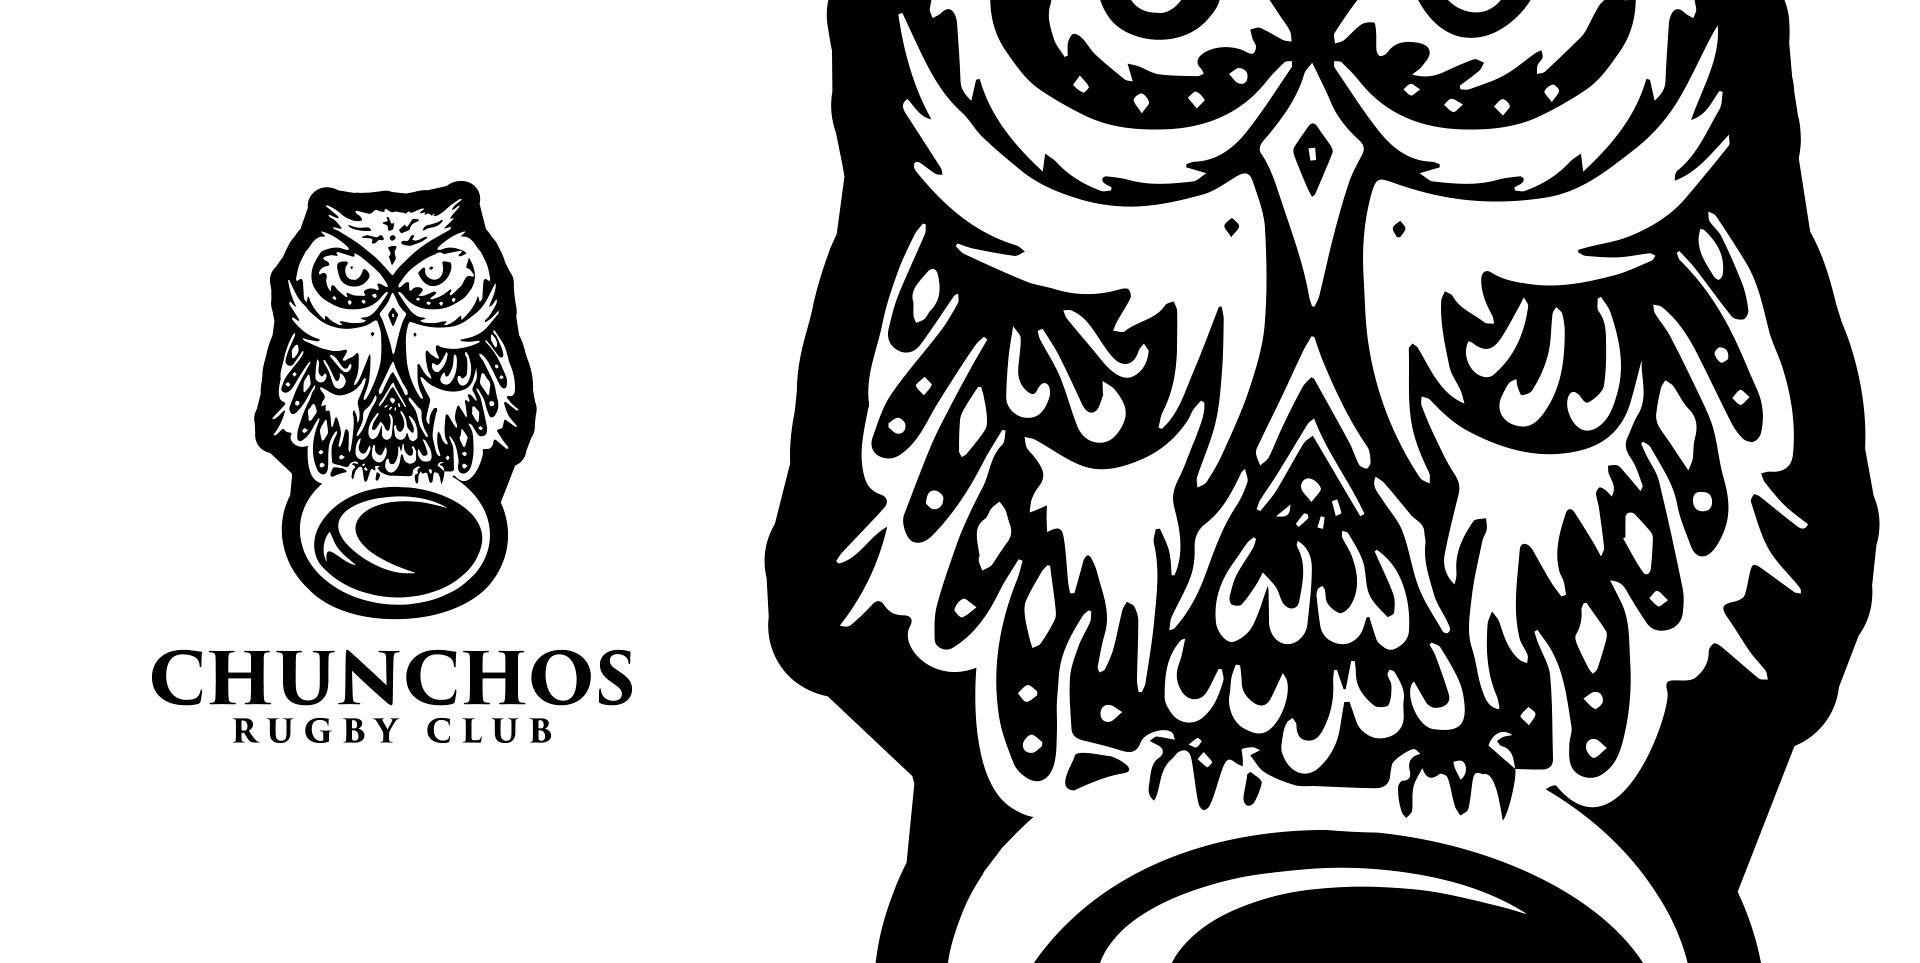 chunchos-rugby-club-marca-002